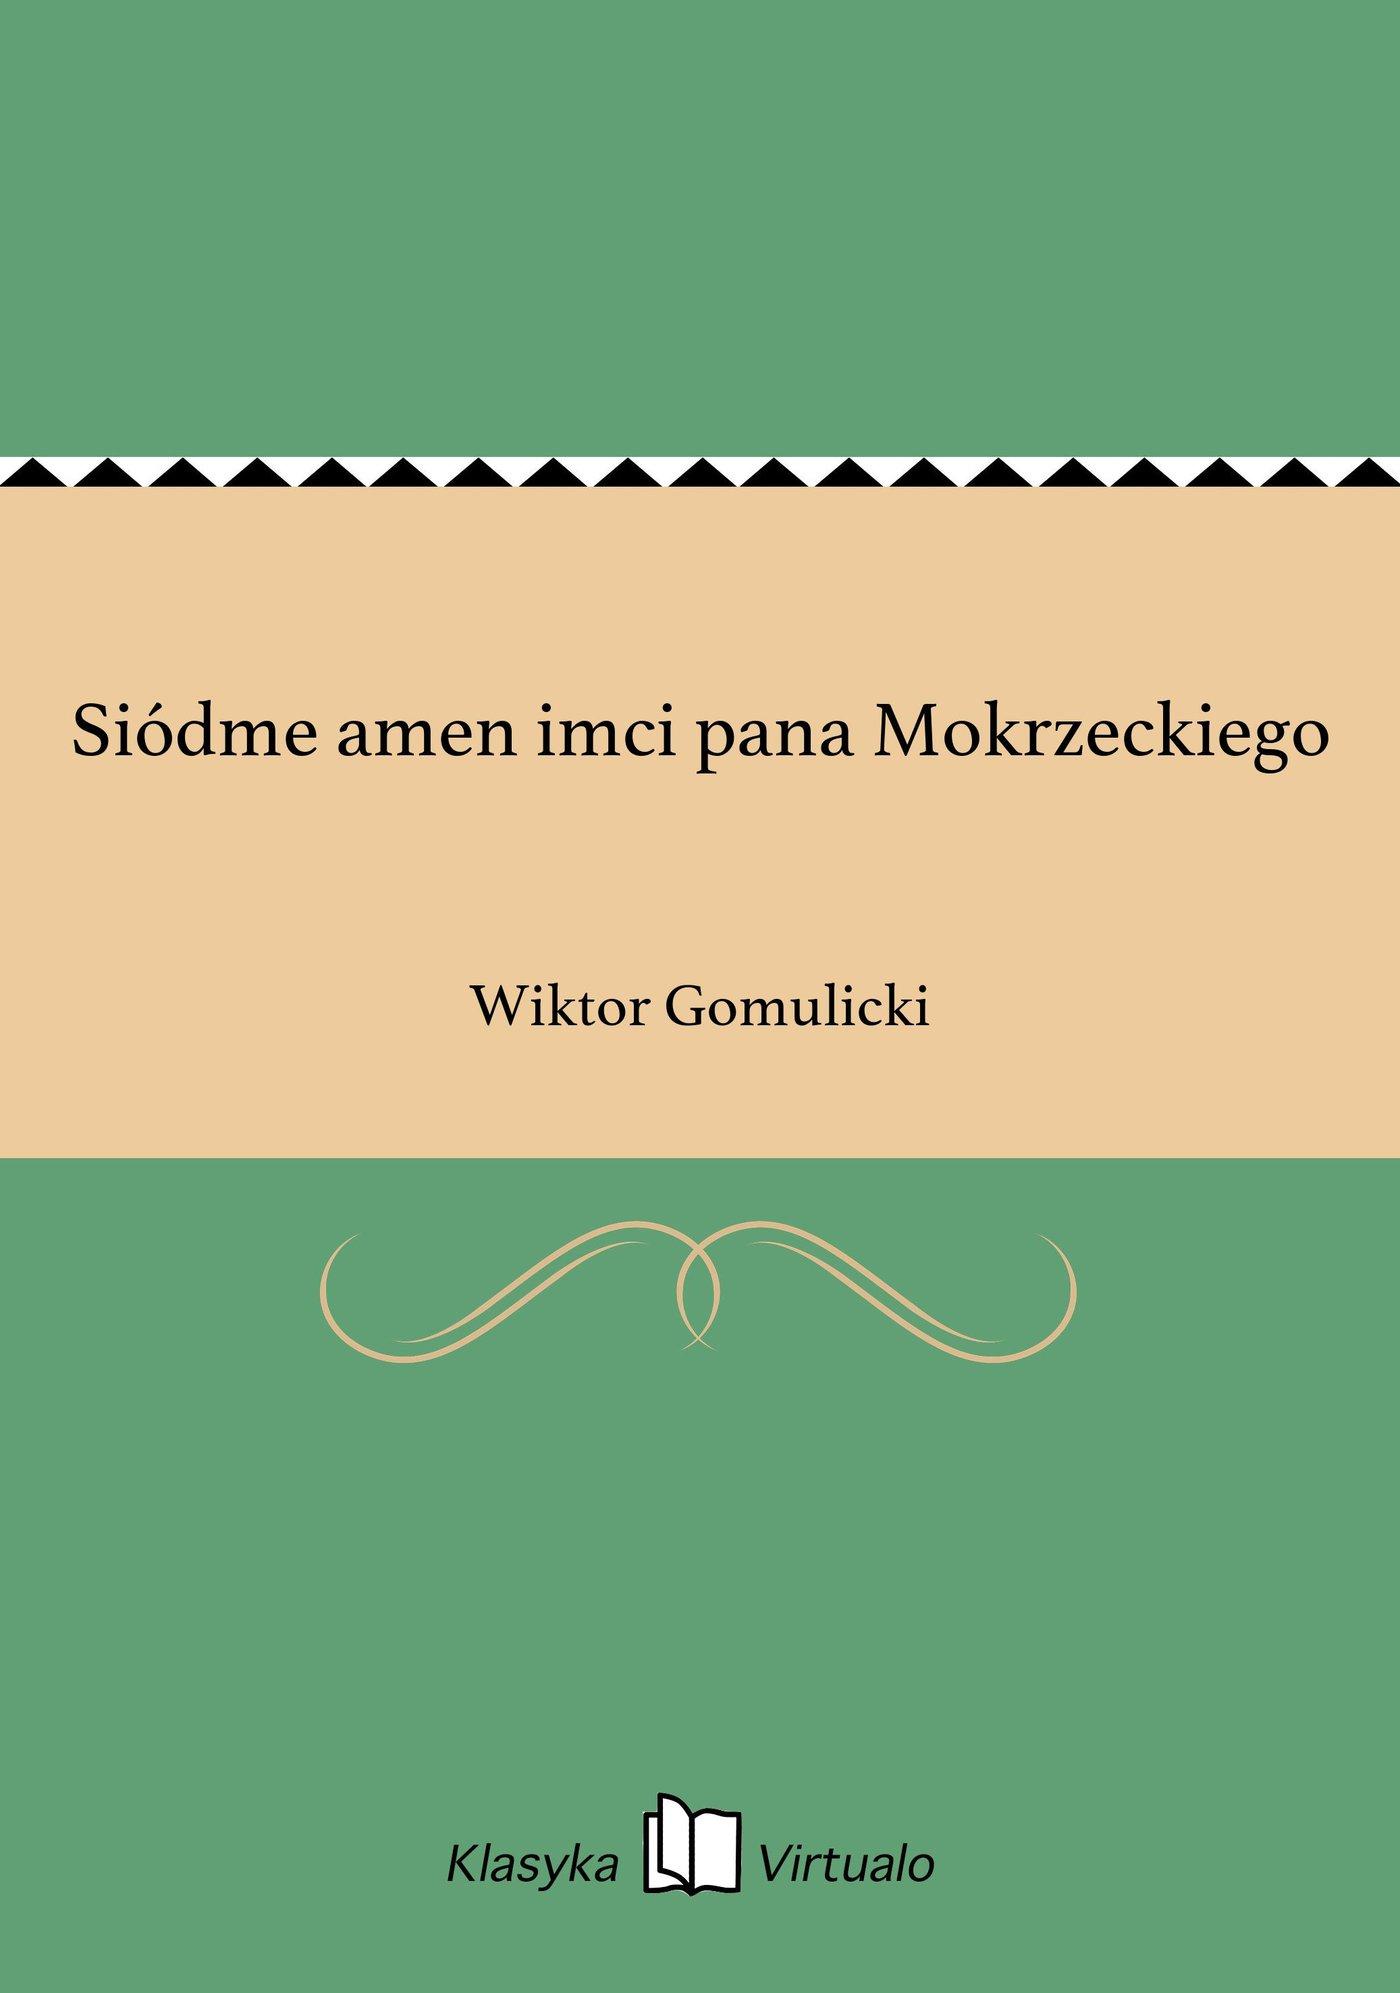 Siódme amen imci pana Mokrzeckiego - Ebook (Książka EPUB) do pobrania w formacie EPUB